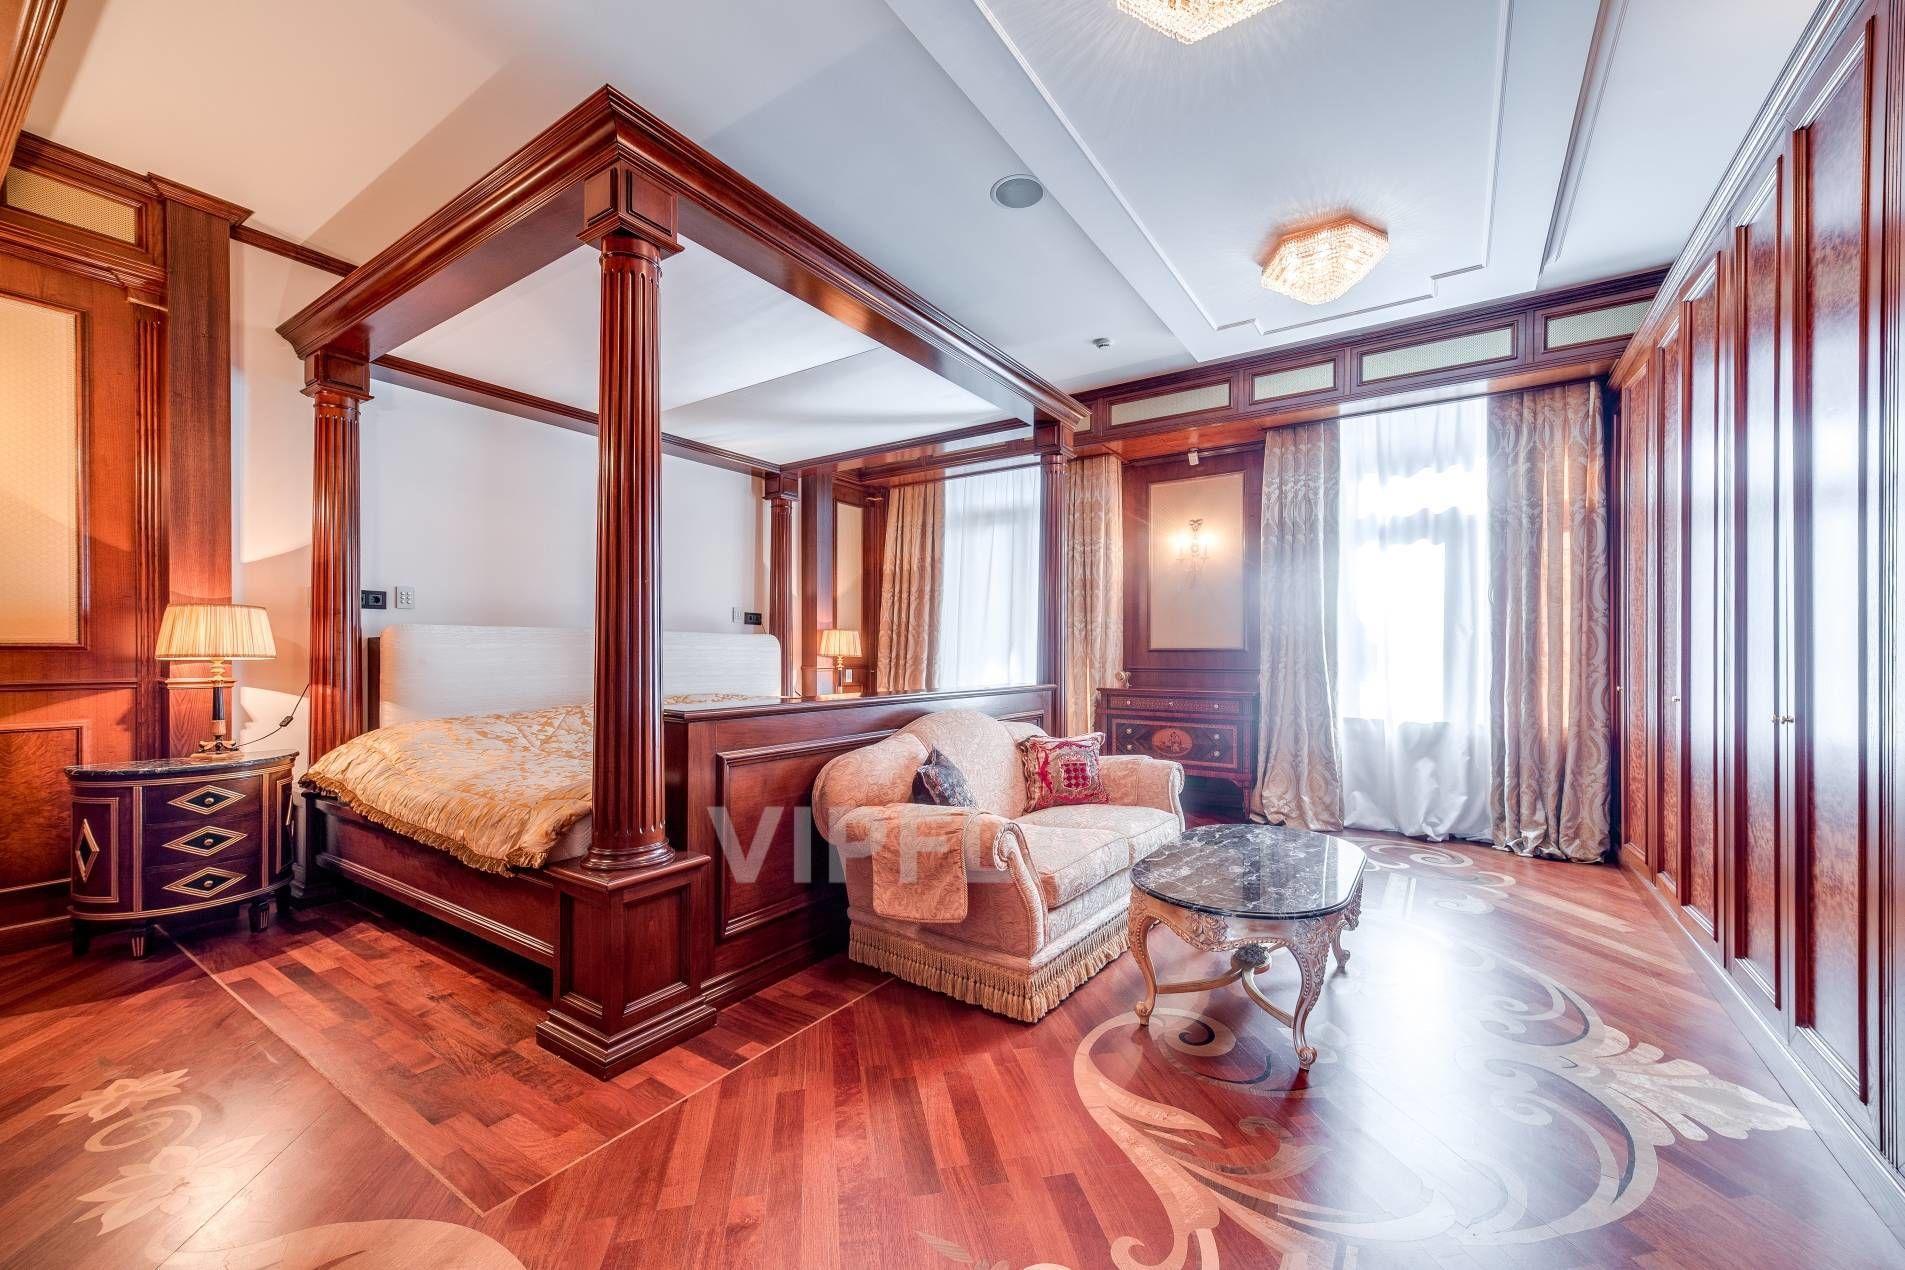 Продажа элитных квартир Санкт-Петербурга. Песочная наб., 12 Спальня для королевских особ